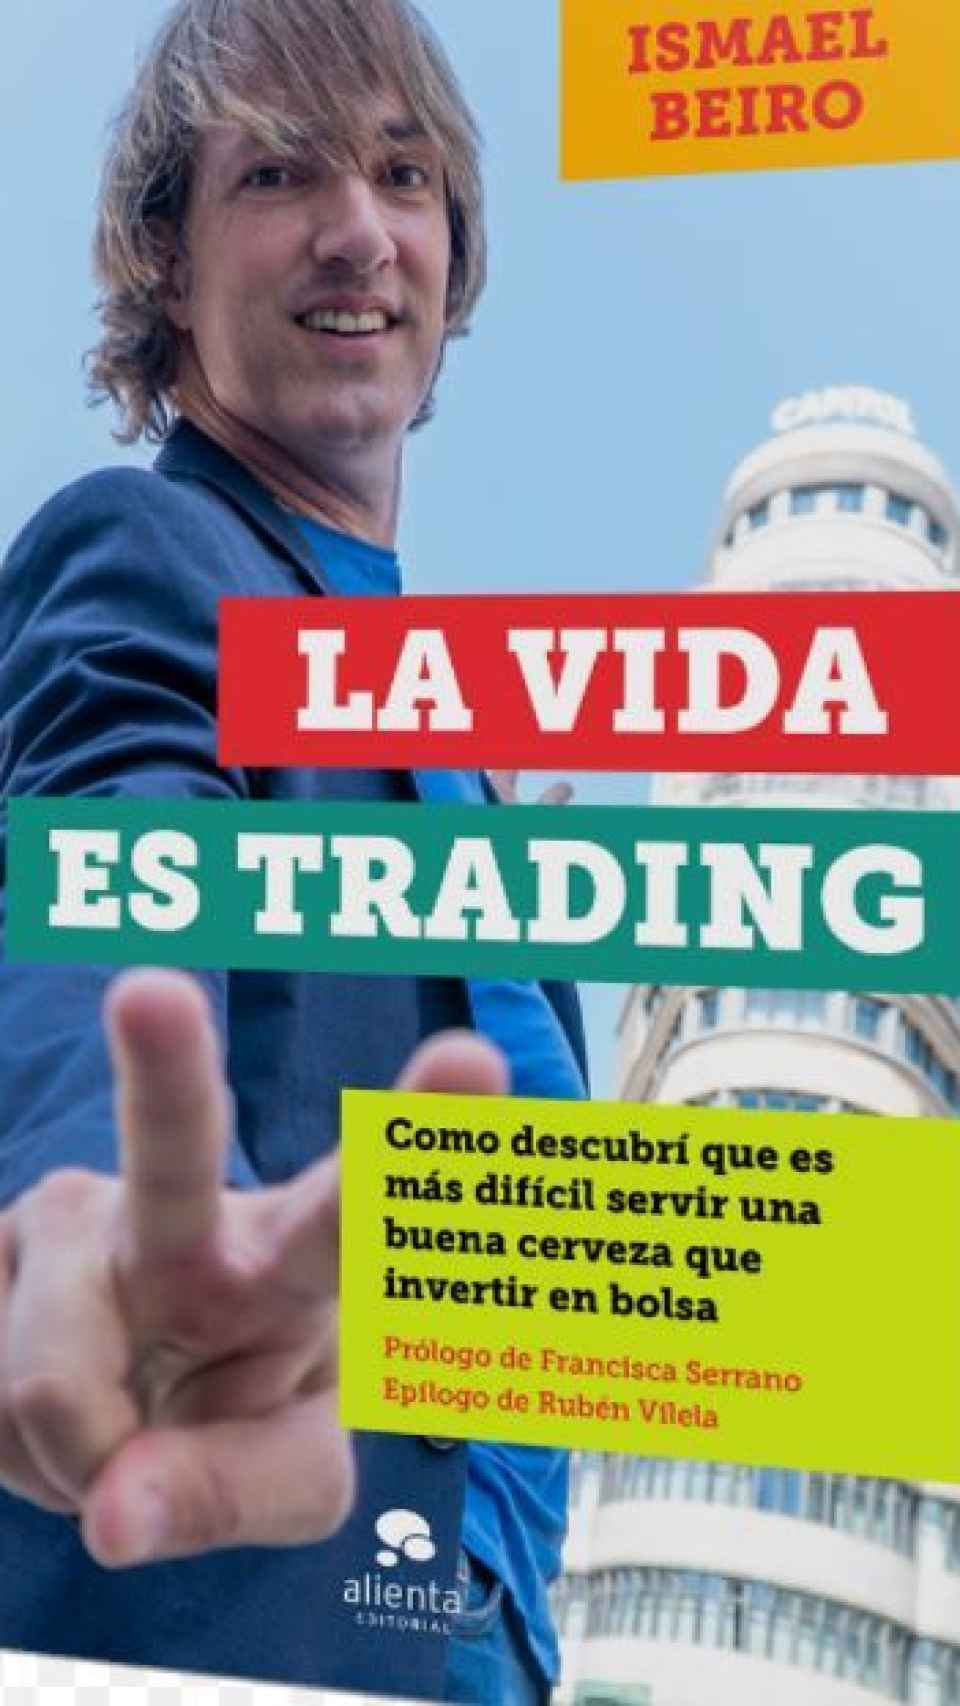 La portada del libro de Ismael Beiro.